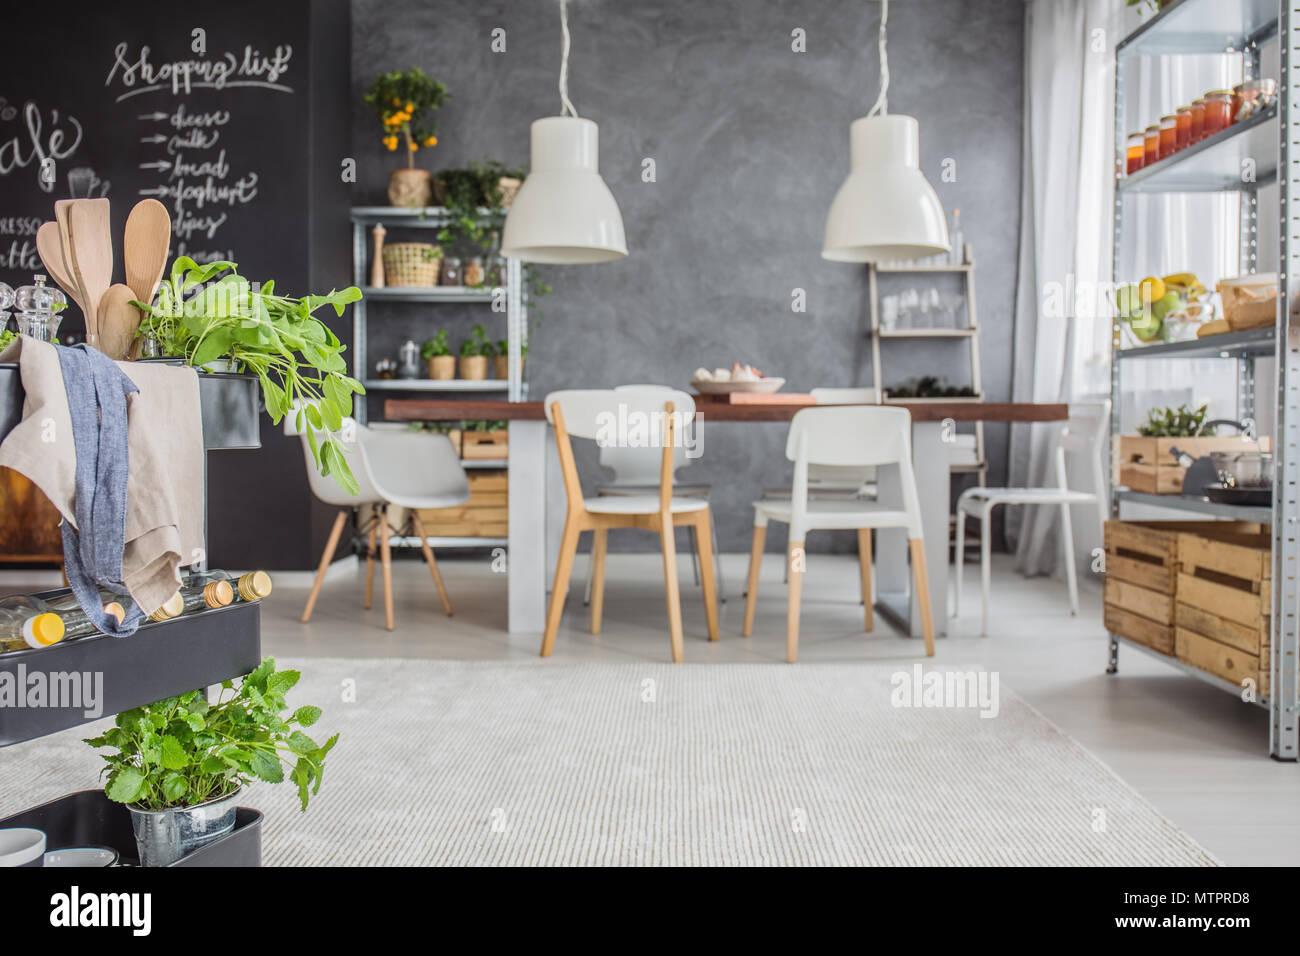 Spacious Kitchen Imágenes De Stock   Spacious Kitchen Fotos De Stock ... edb1cb21fb9a